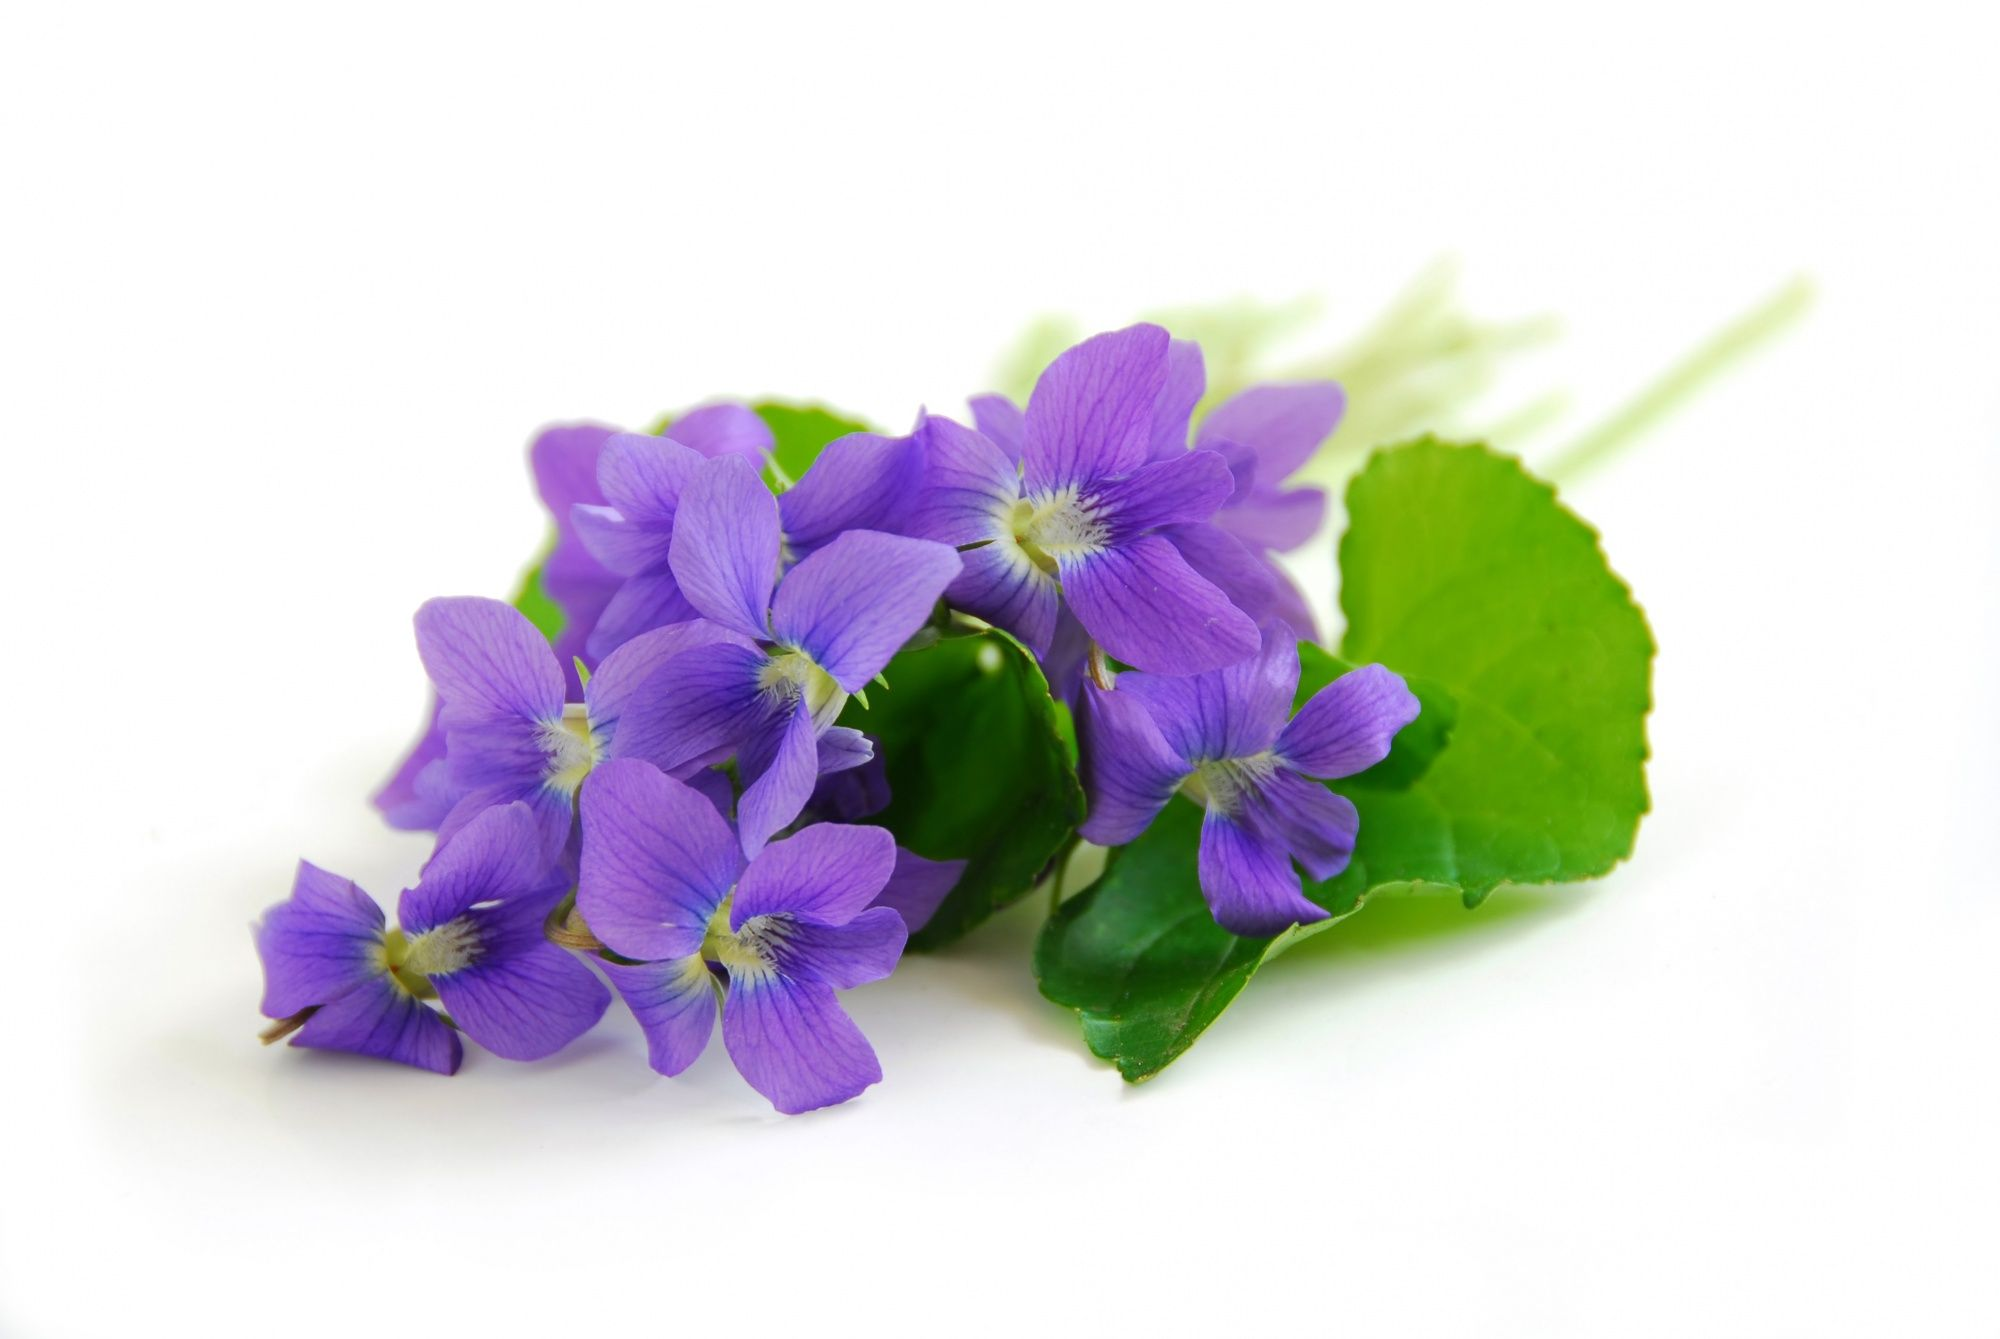 """flowers -    ♥ღ_______/)_♥ღ_____./¯""""""""""""/') ♥ღ                ♥ღ ¯¯¯¯¯¯¯¯¯♥ღ\)¯¯¯¯¯'\_""""""""""""""""\)♥ღ ♥ Anmary ♥ (¯`✻´¯) `*.¸.*✻ღϠ₡ღ¸.✻´´¯`✻.¸¸.Ƹ̴Ӂ̴Ʒ.. ❀❁✿♡༺♥༻༺♥༻♡❀❁✿♡༺♥༻༺♥༻"""